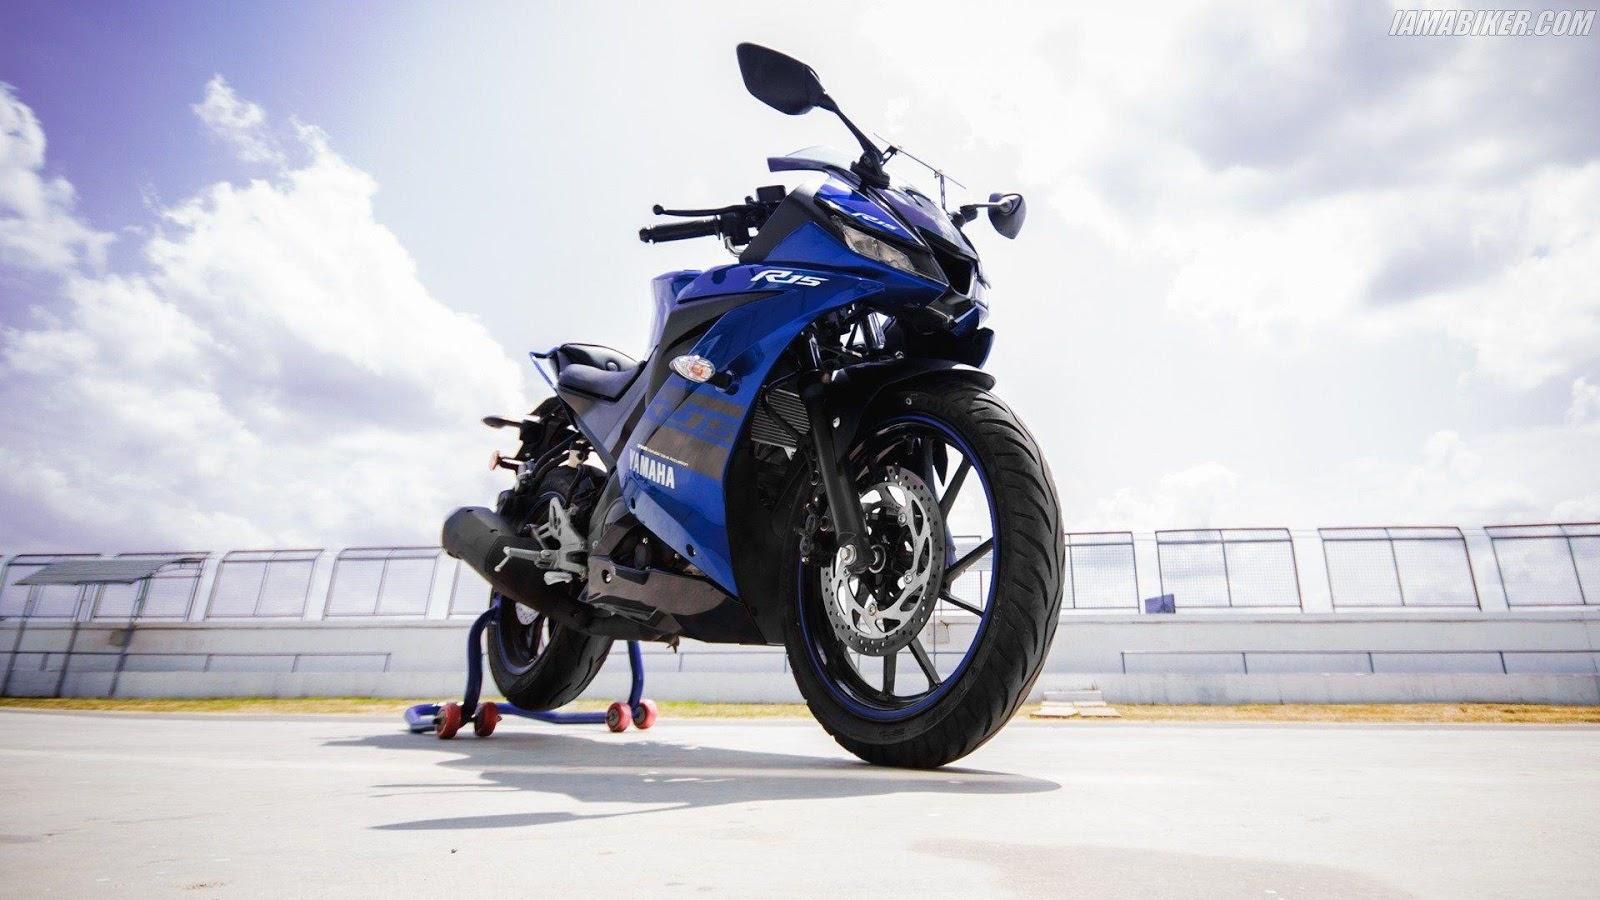 Gambar Yamaha R15 V3 kualitas HD - 22